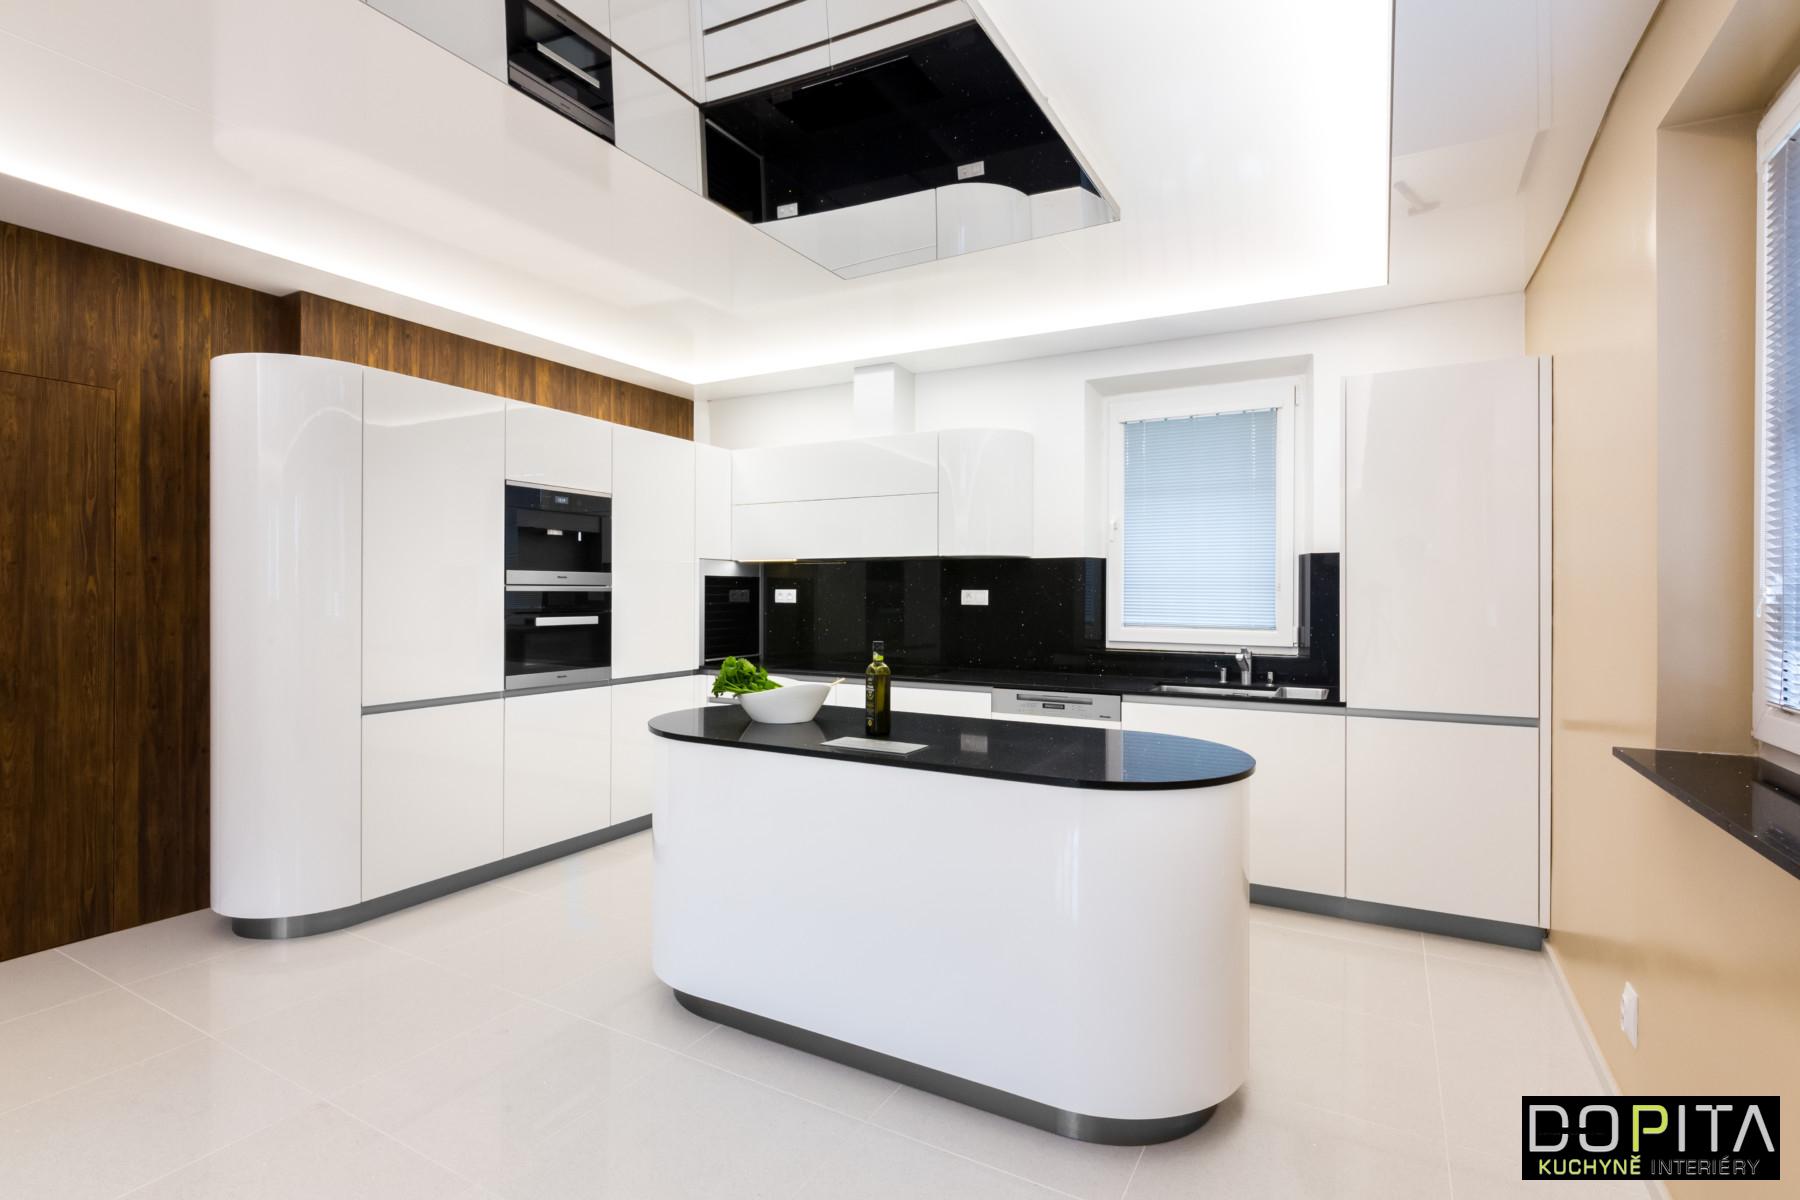 Moderní oválný kuchyňský ostrůvek - DOPITA studio 8832564d6e